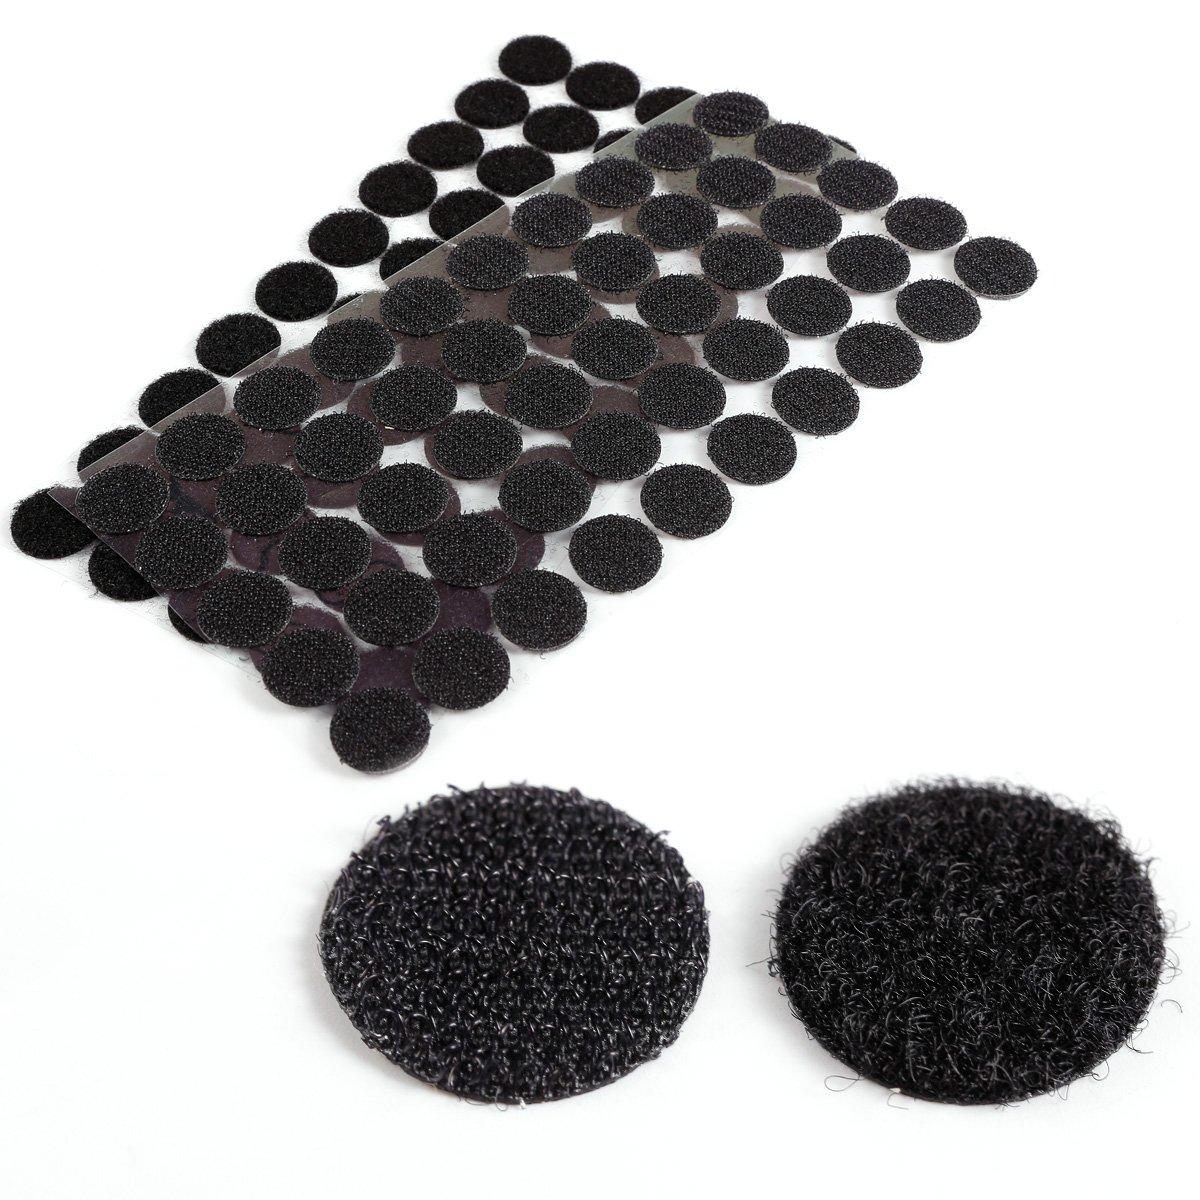 CLE DE TOUS - Puntos Adhesivos para pegar coser Tejidos Cortinas Manteles Cierres Bolso guantes Cremalleras Botones Manualidades (Blanco 250 pares) Anladia